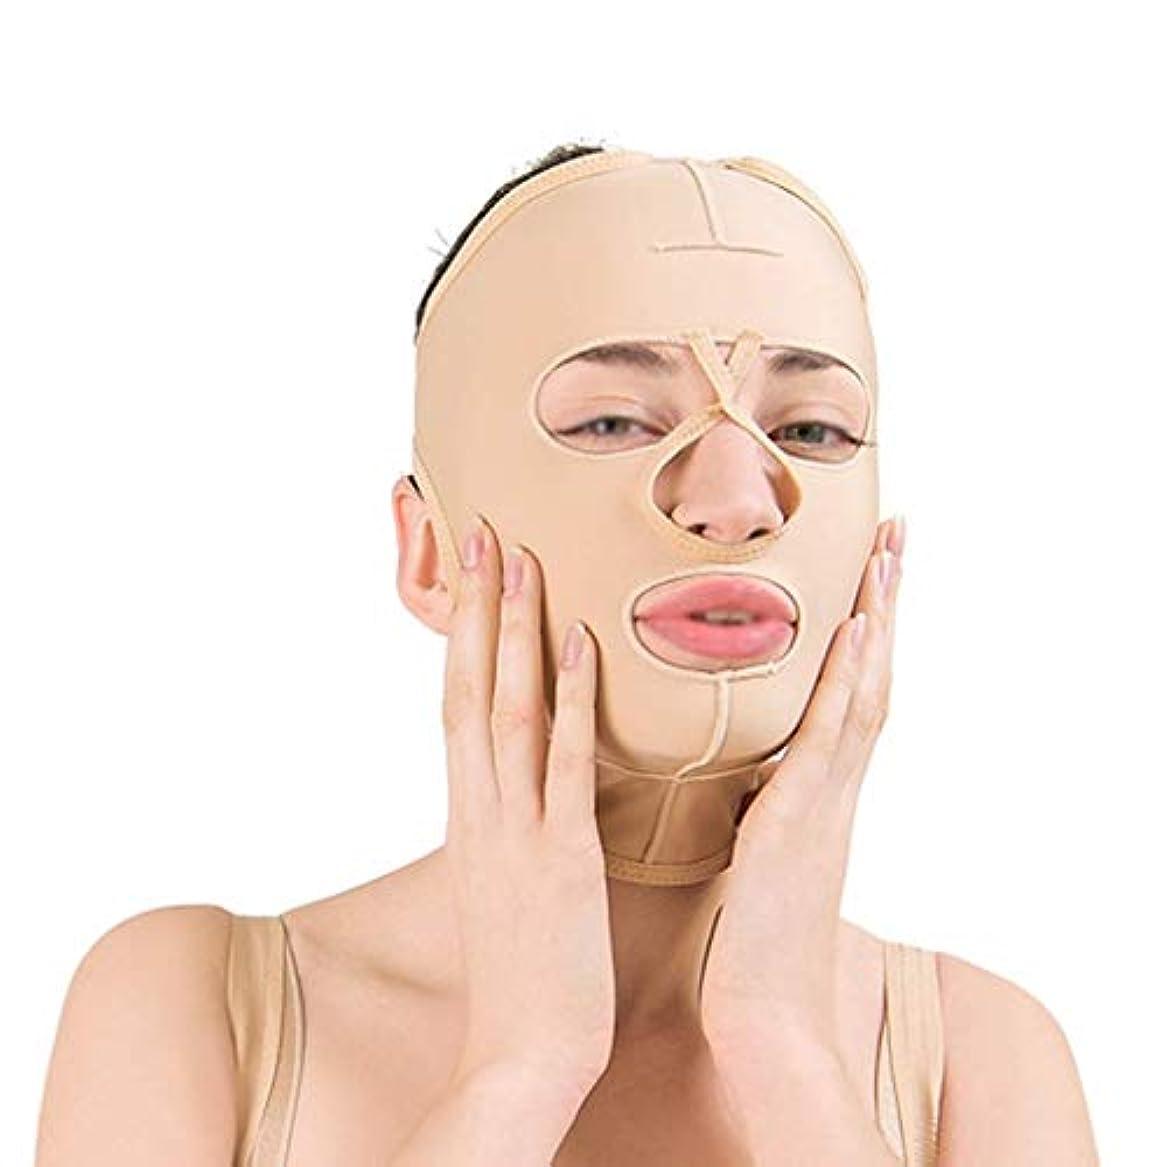 せがむ橋脚グラディスフェイススリミングマスク、フェイスバンデージ付きフェイシャル減量マスク、通気性フェイスリフト、引き締め、フェイスリフティング(サイズ:L),ザ?